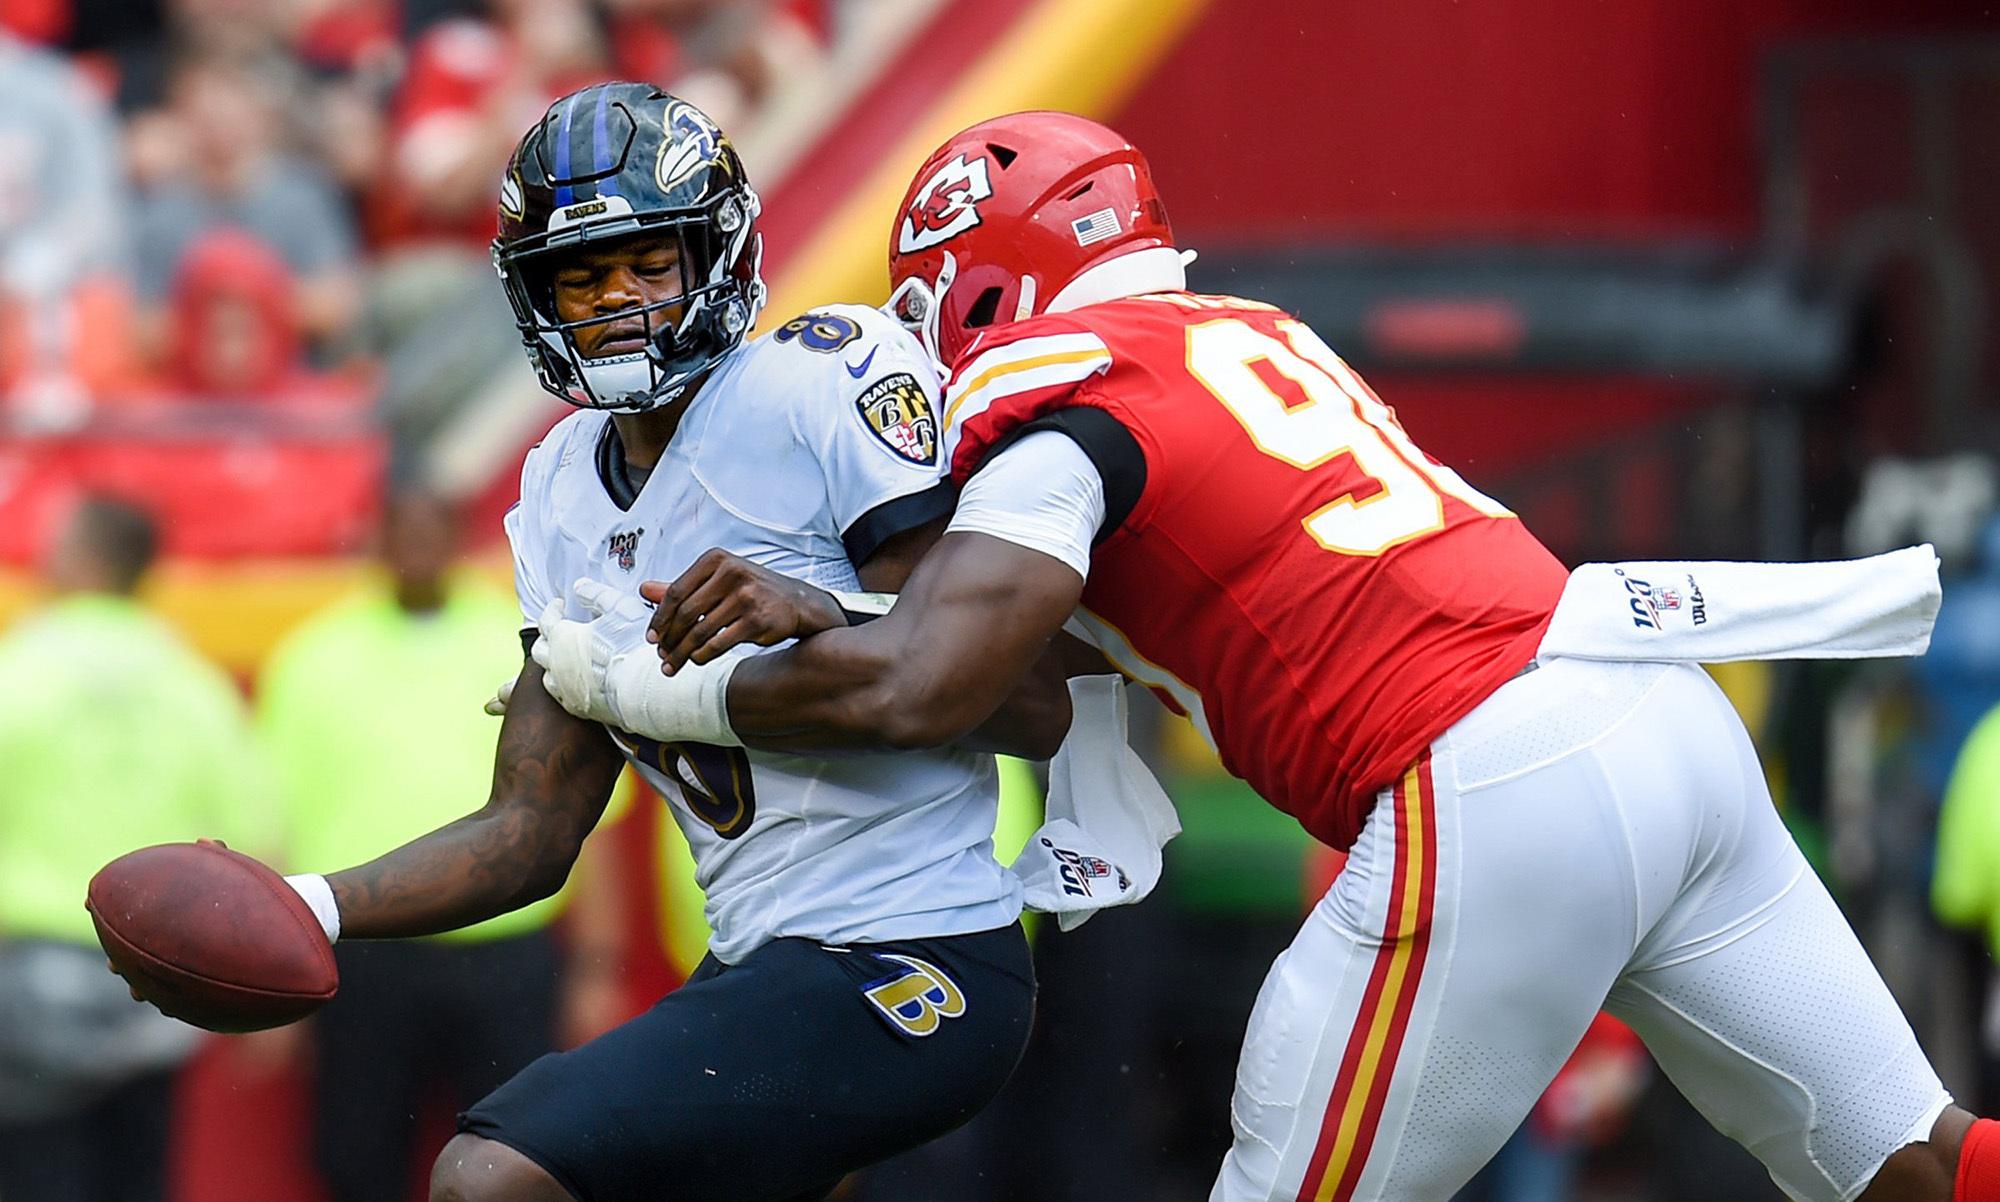 NFL Coin Toss Week 3: Ravens vs. Chiefs - dieses Team gewinnt das Kracherspiel